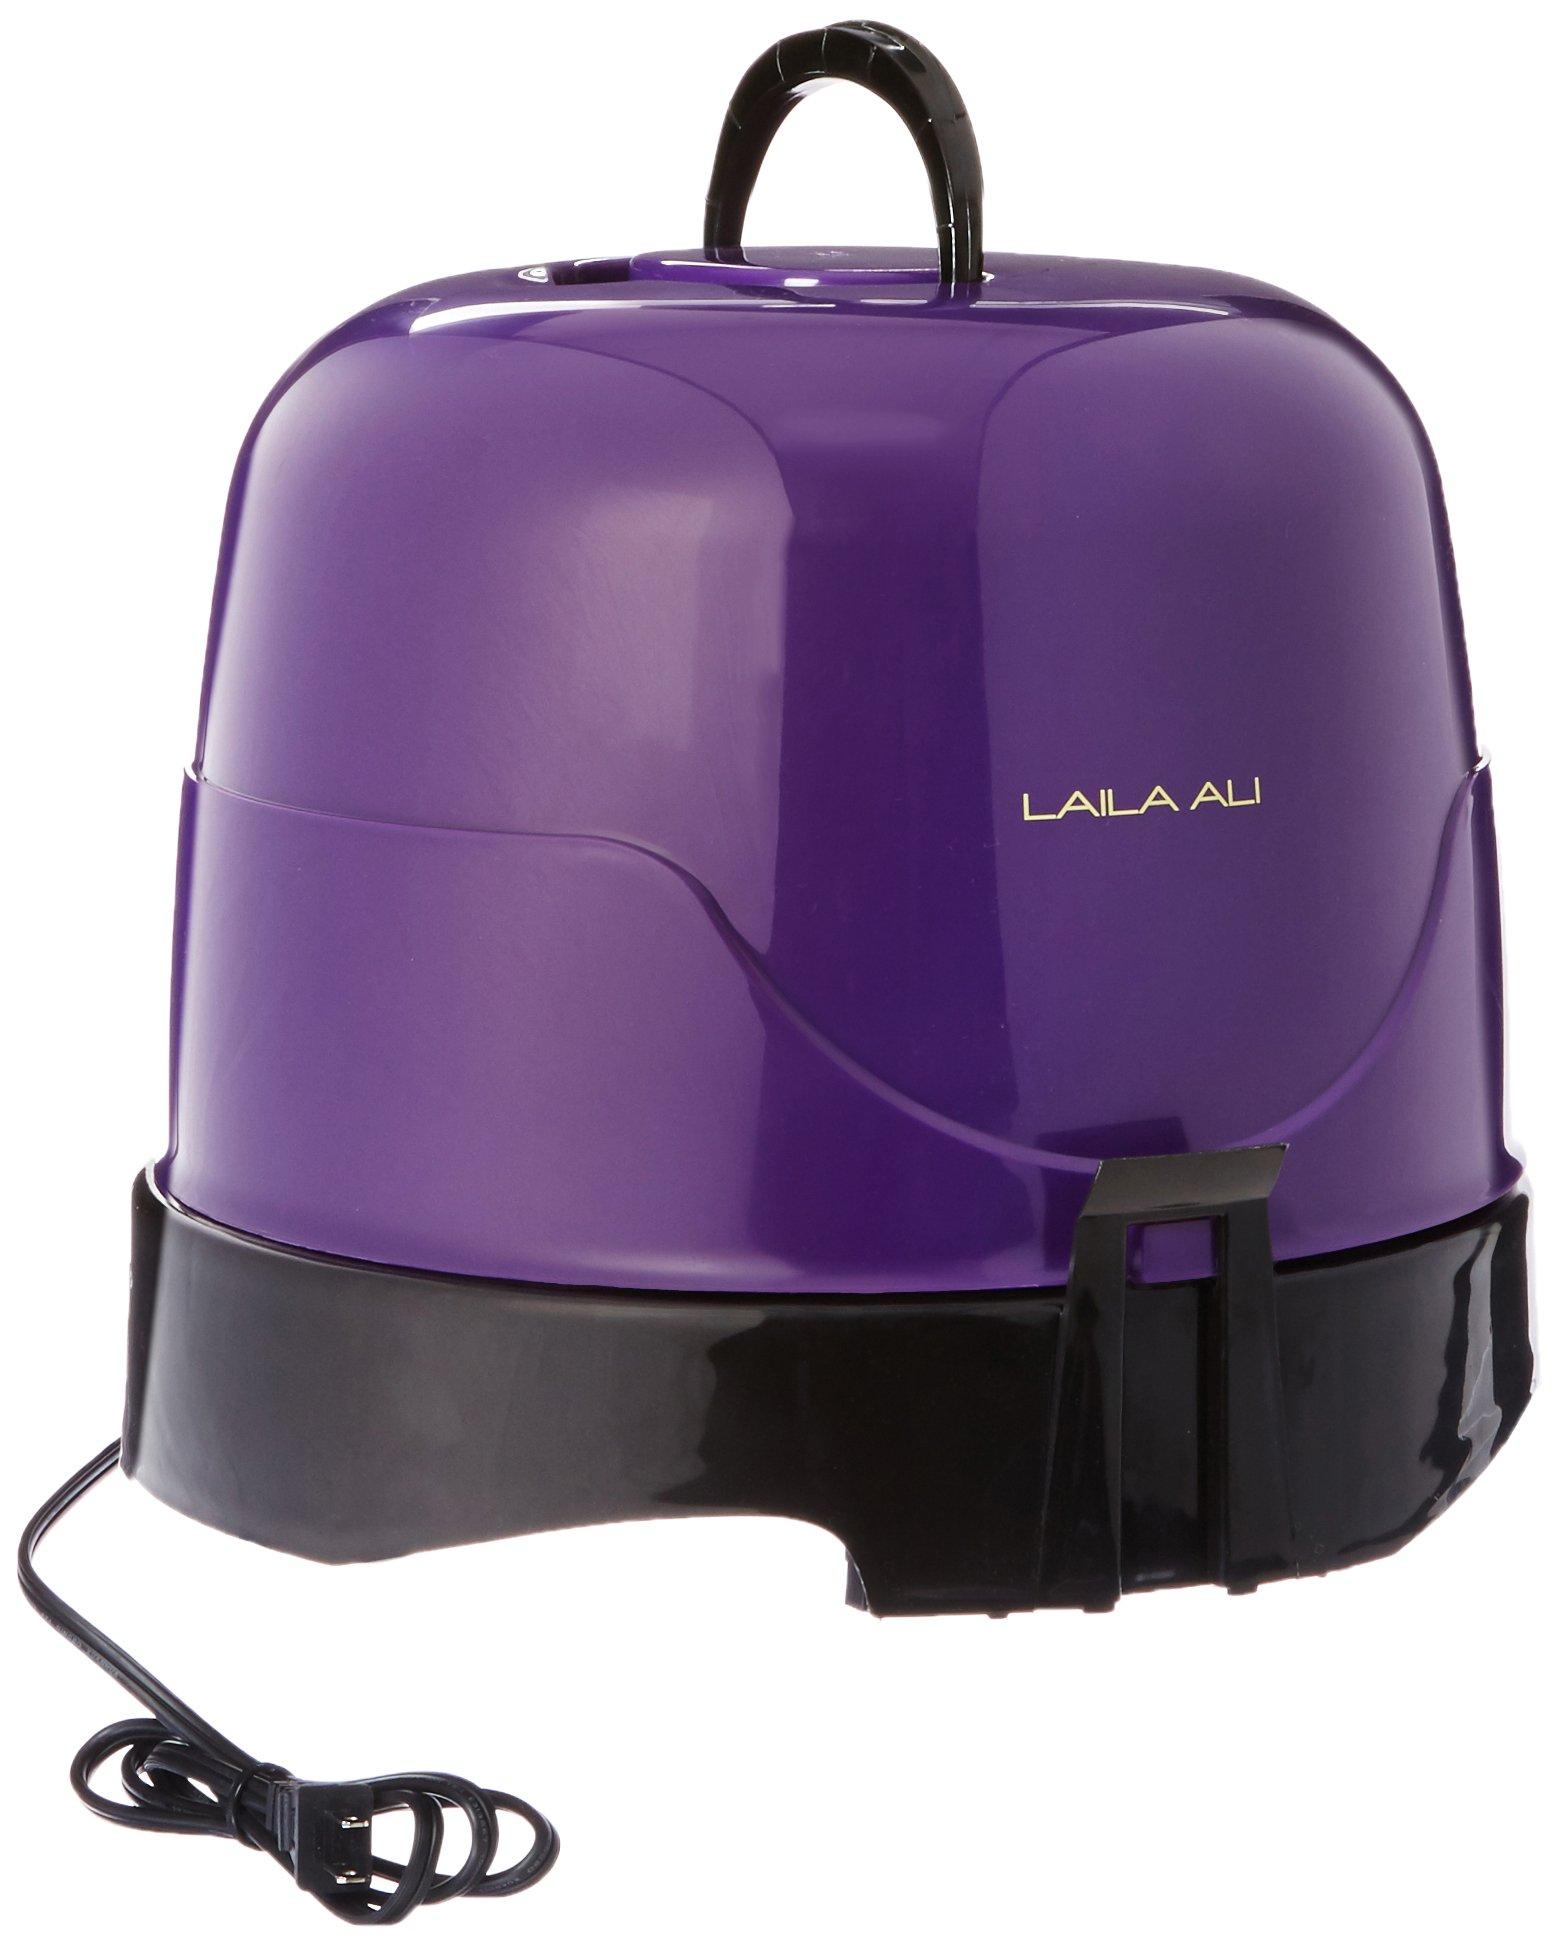 Laila Ali LADR5603 Salon Ionic Dryer, Purple and Black by Laila Ali (Image #2)